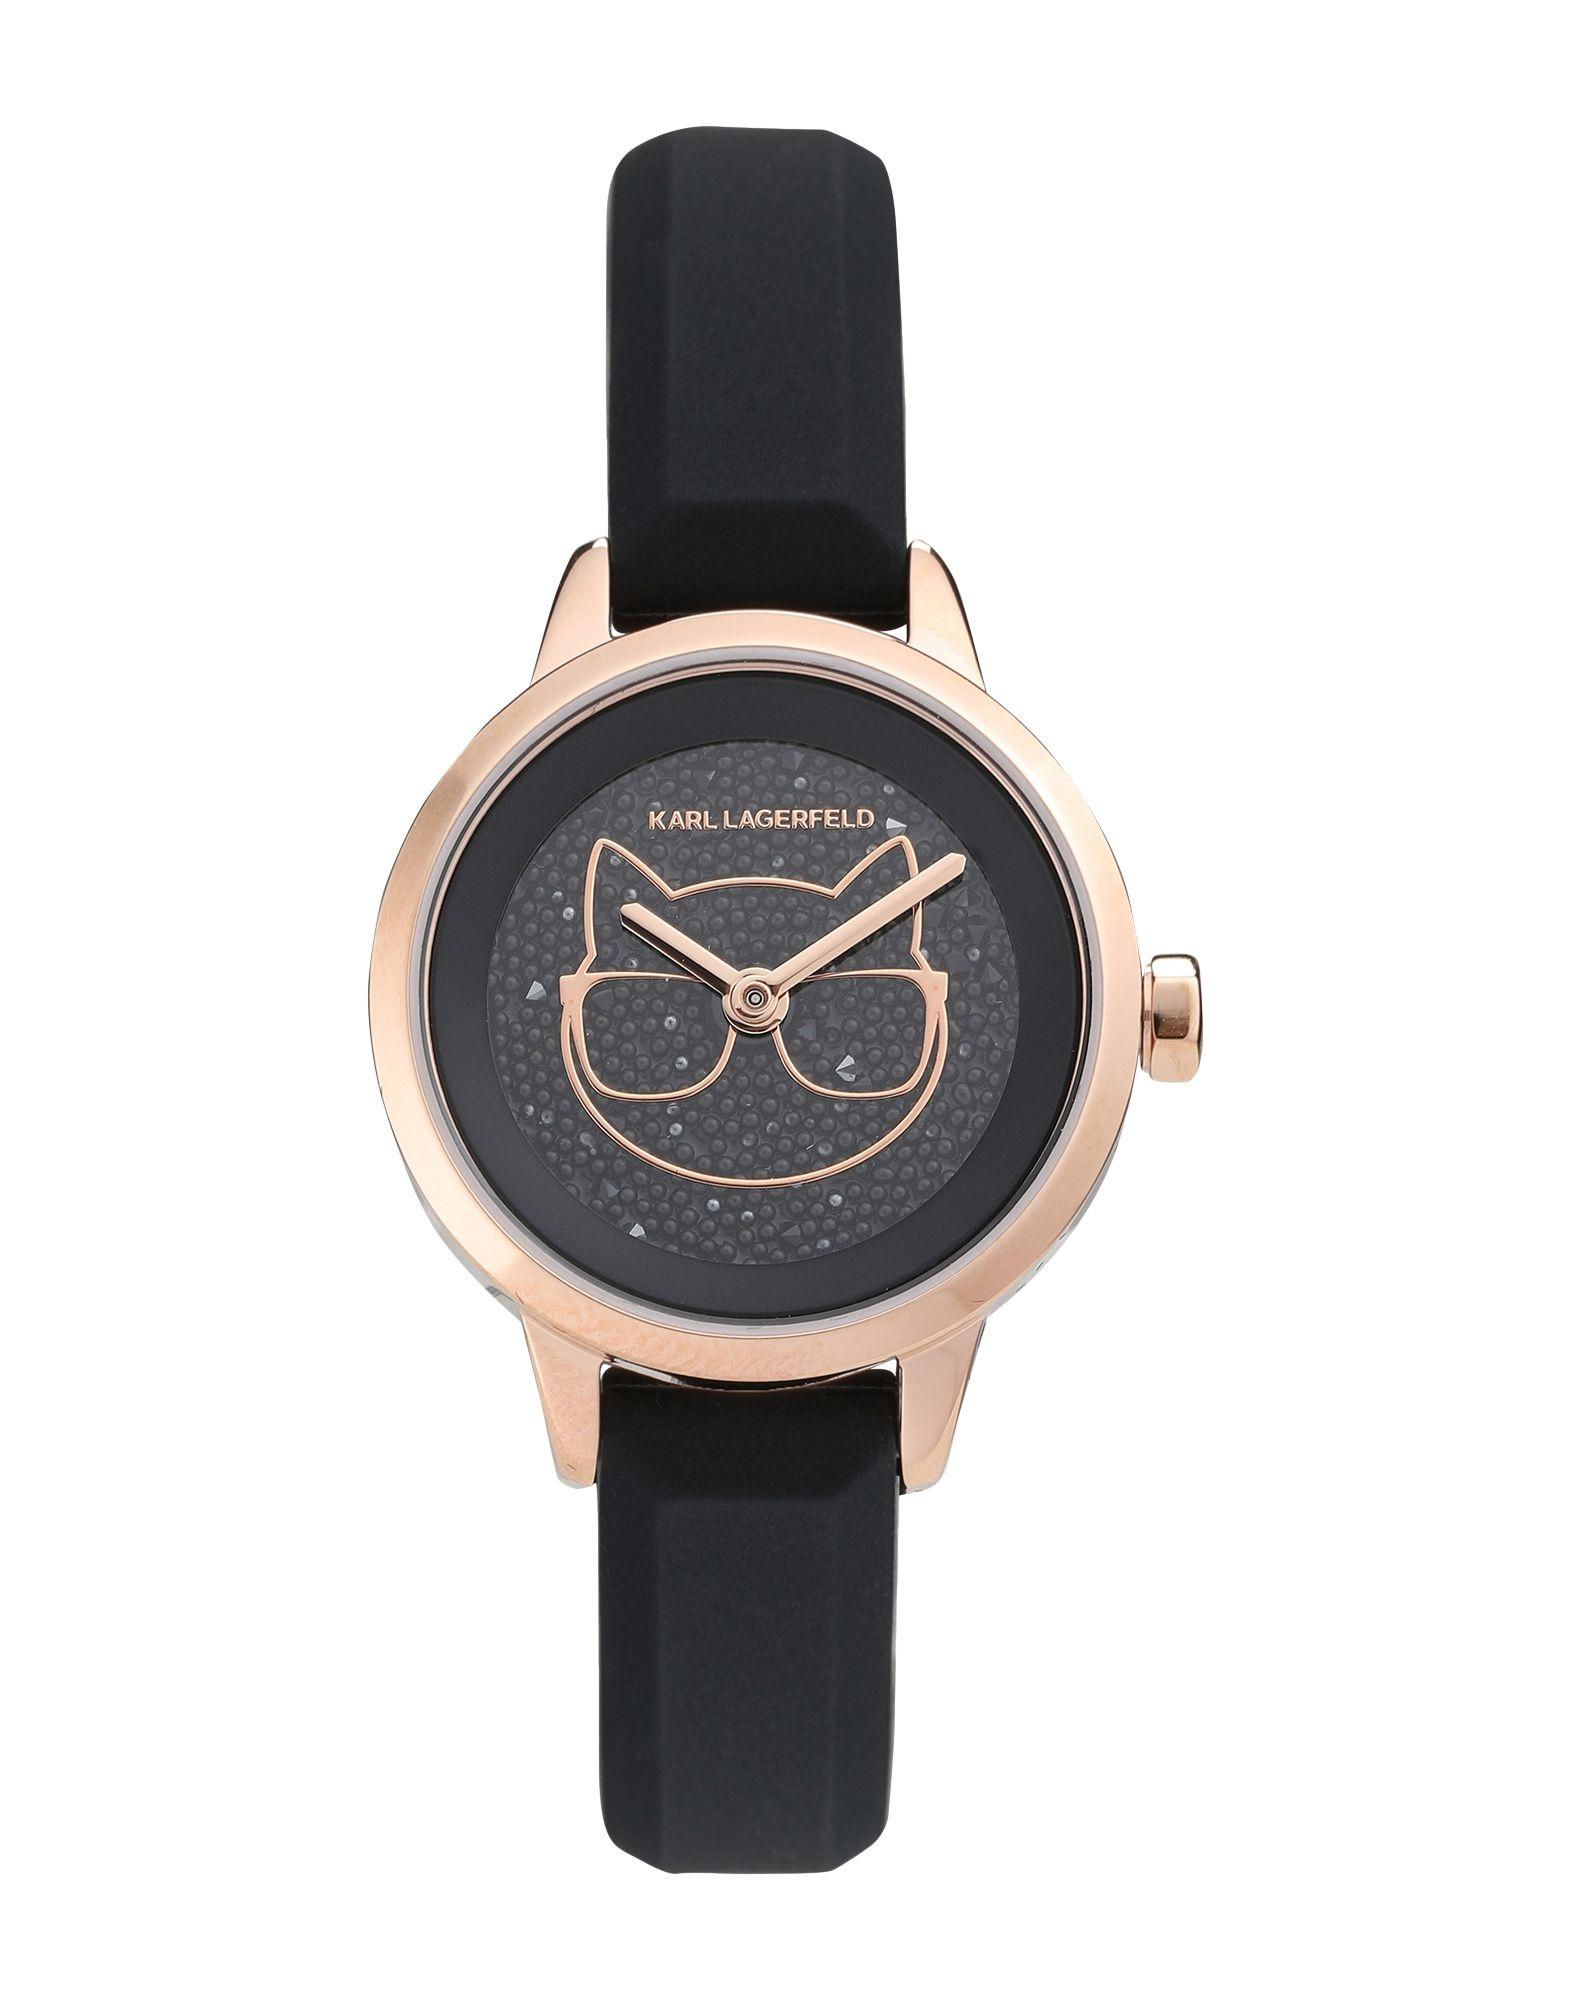 《セール開催中》KARL LAGERFELD レディース 腕時計 ブラック ステンレススチール / シリコン / スワロフスキー PETITE CHOUPETTE SILICONE STRAP